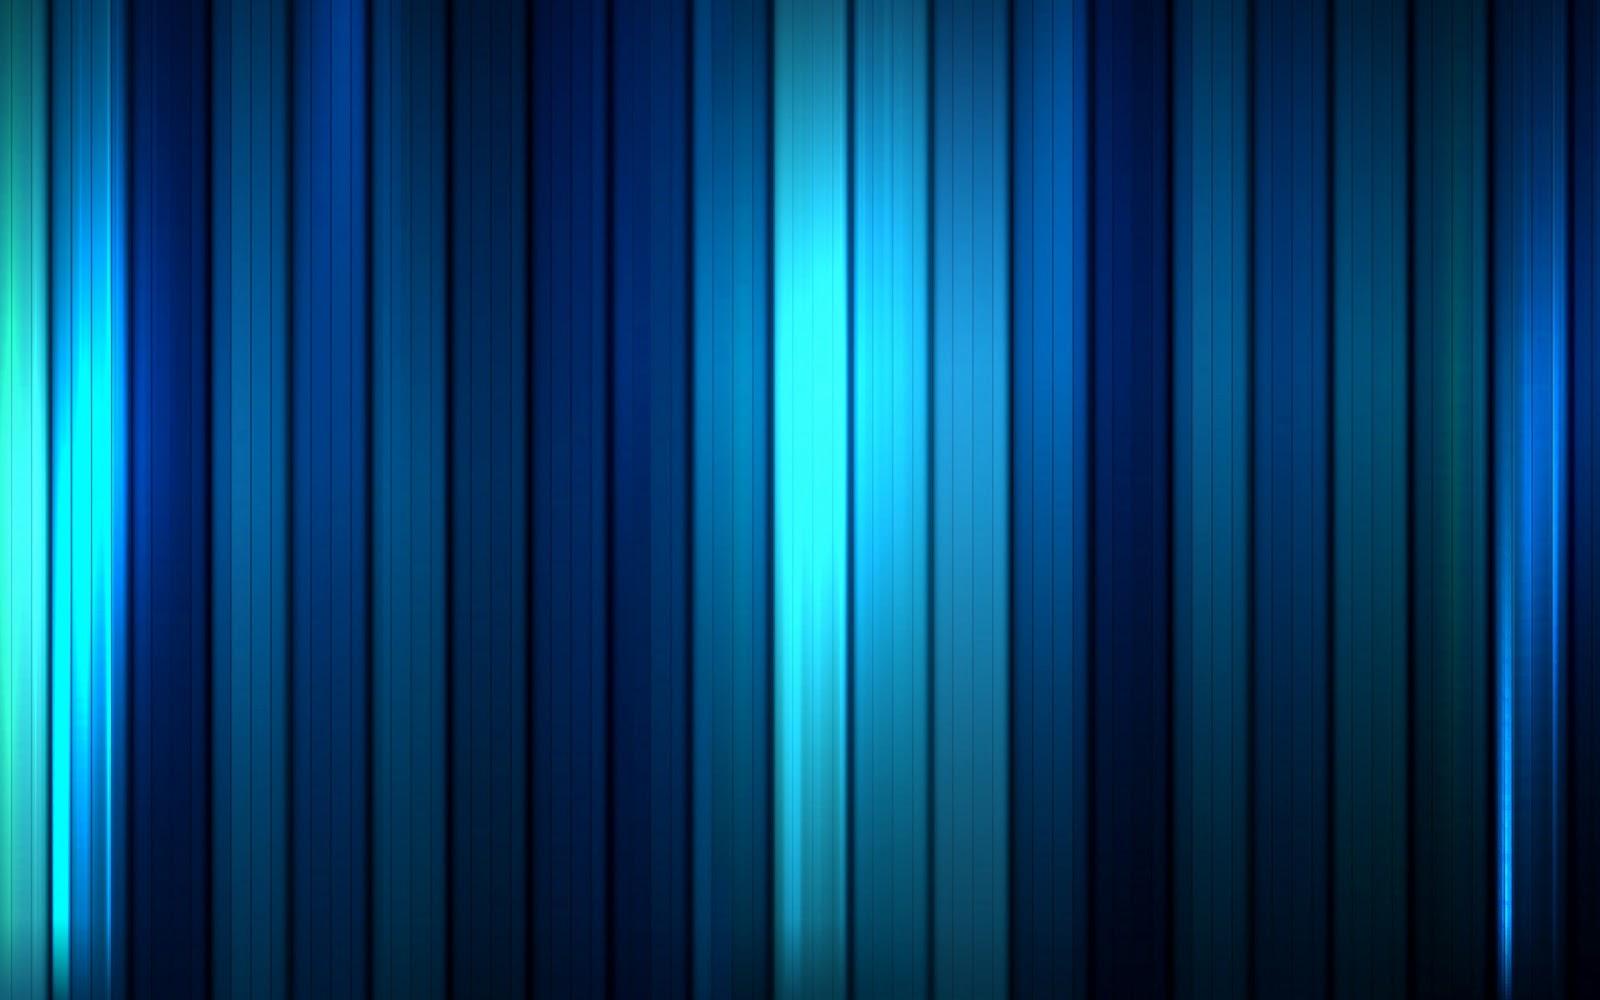 BLUE COLOR DESKTOP WALLPAPERS ~ HD WALLPAPERS